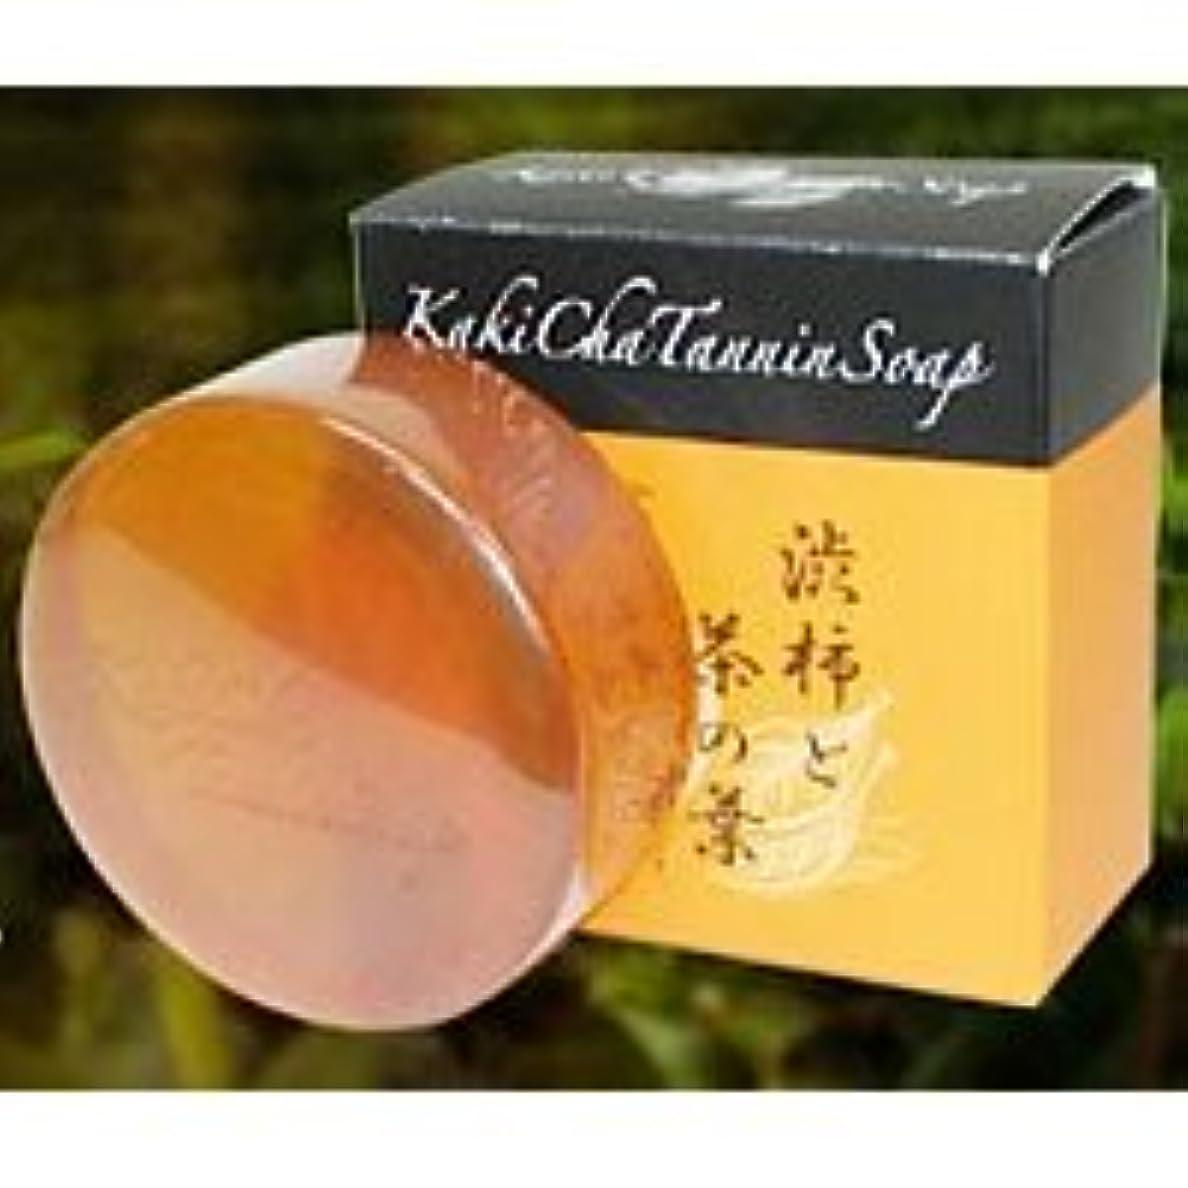 突っ込む基準共感するカキチャタンニンソープ 安心の日本製 カキチャタンニンソープ (マイルドクリアソープ) カキチャ タンニンソープ 柿渋ソープ